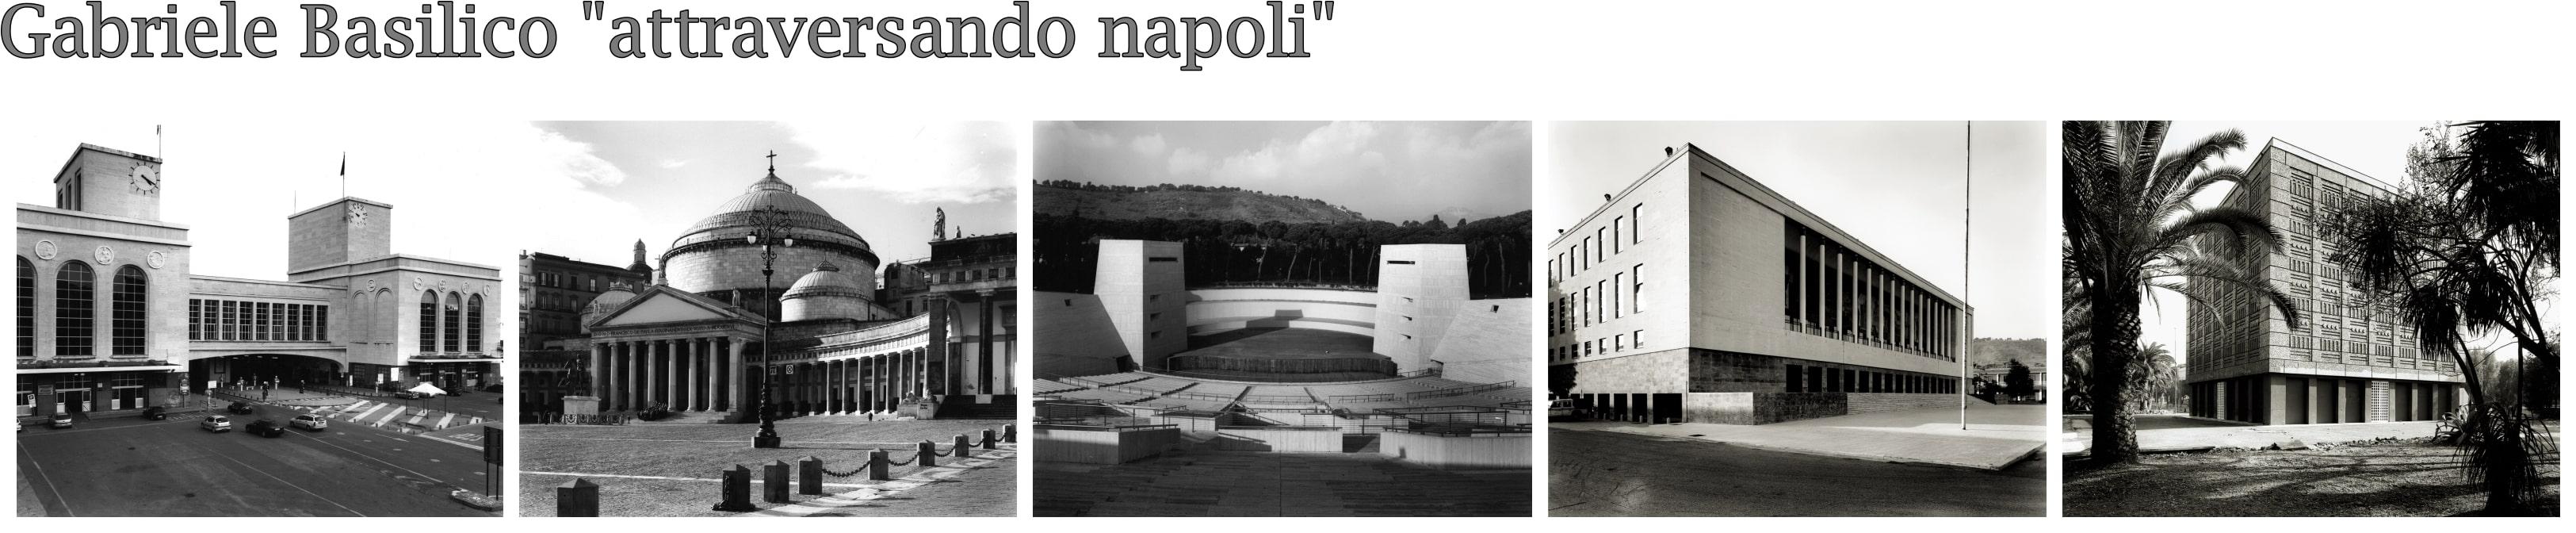 Scatti di Gabriele Basilico per la Mostra Obiettivo Napoli